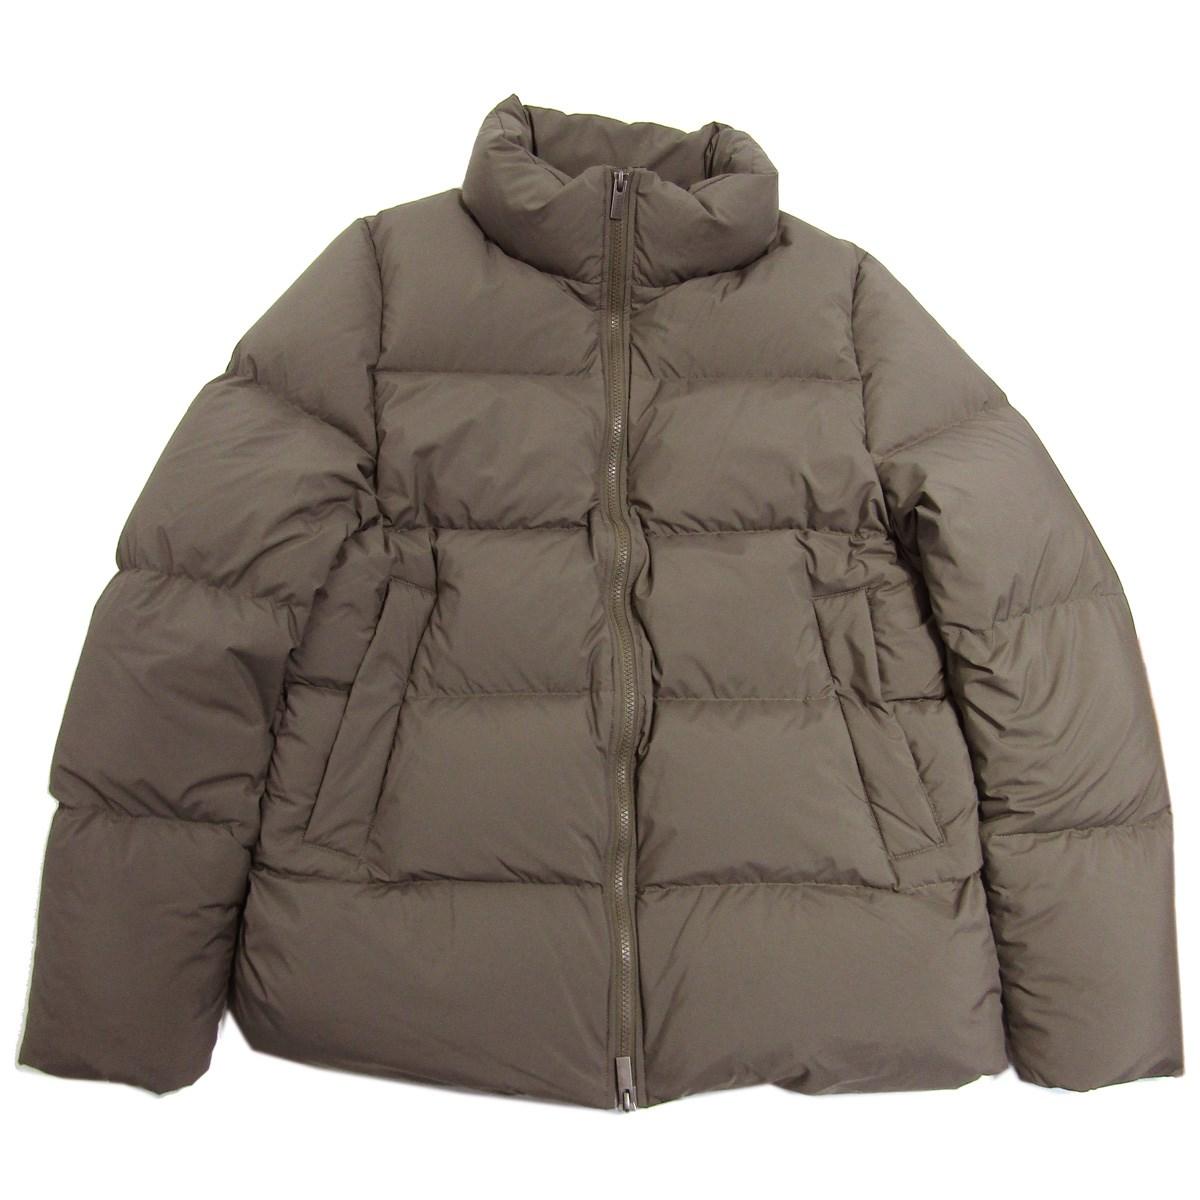 【中古】PYRENEX KENNETH(ケネス) ダウンジャケット オリーブ サイズ:XL 【130120】(ピレネックス)